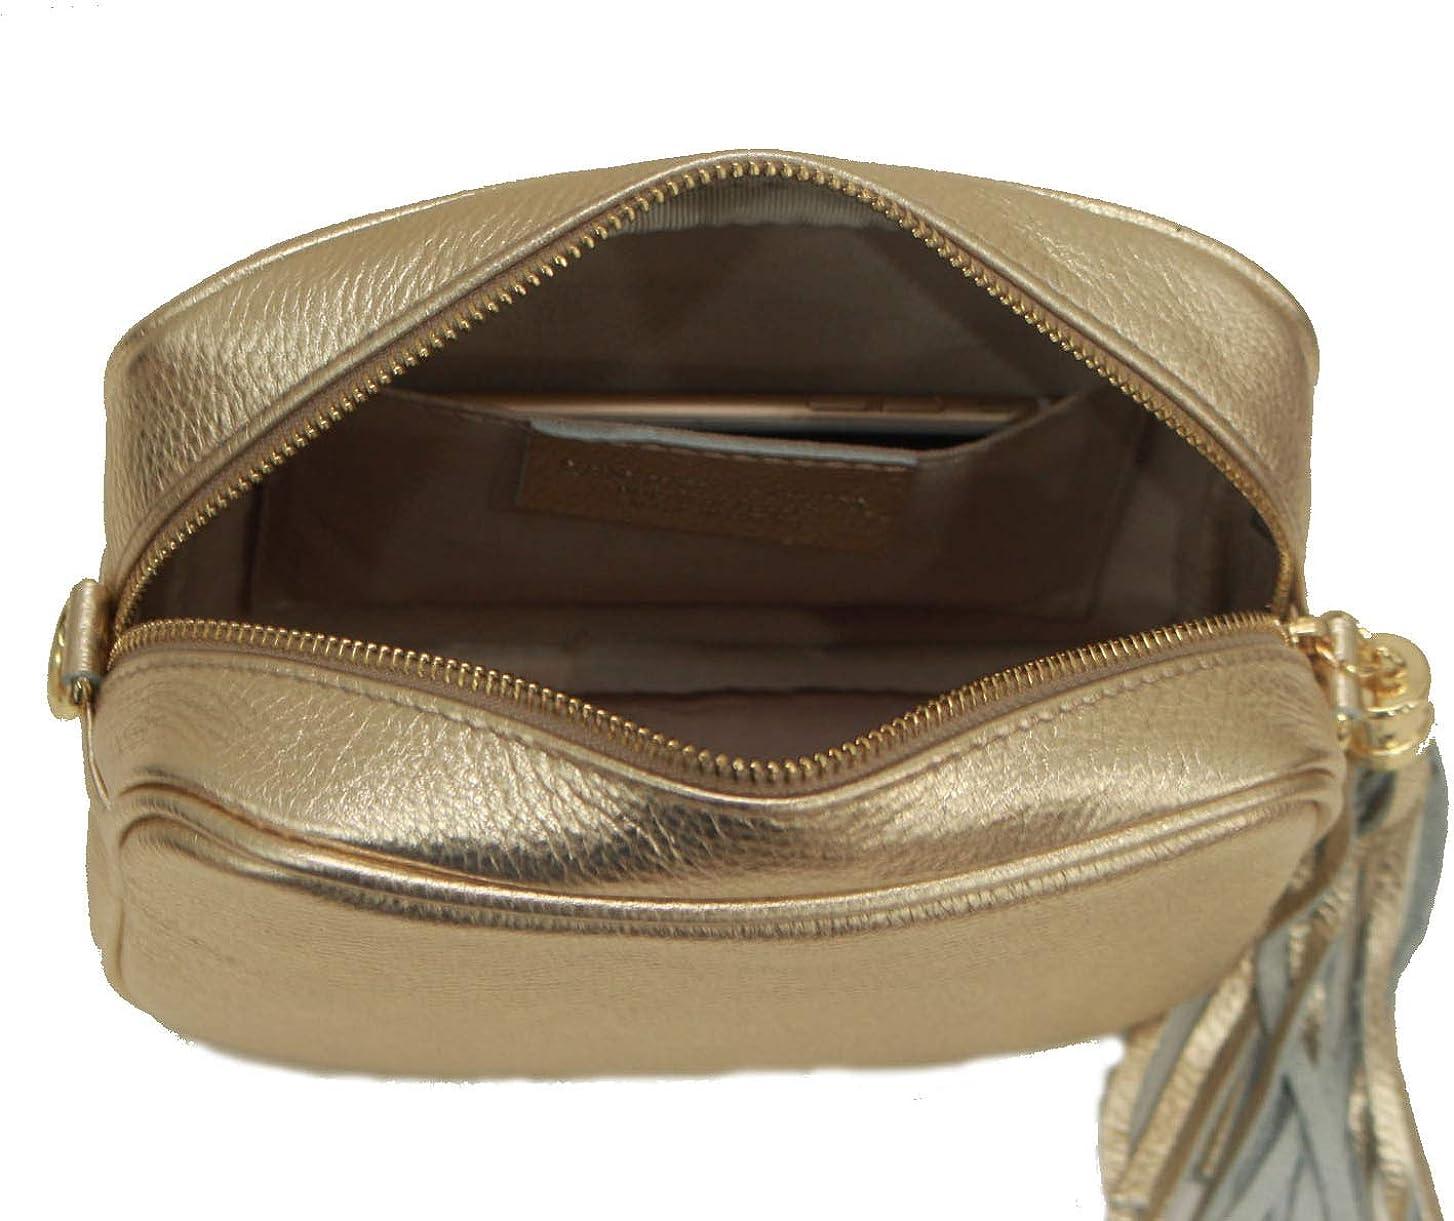 A to Z Leather Borsa da donna a tracolla morbida e compatta in vera pelle per donna con nappa in pelle e hardware dorato Oro